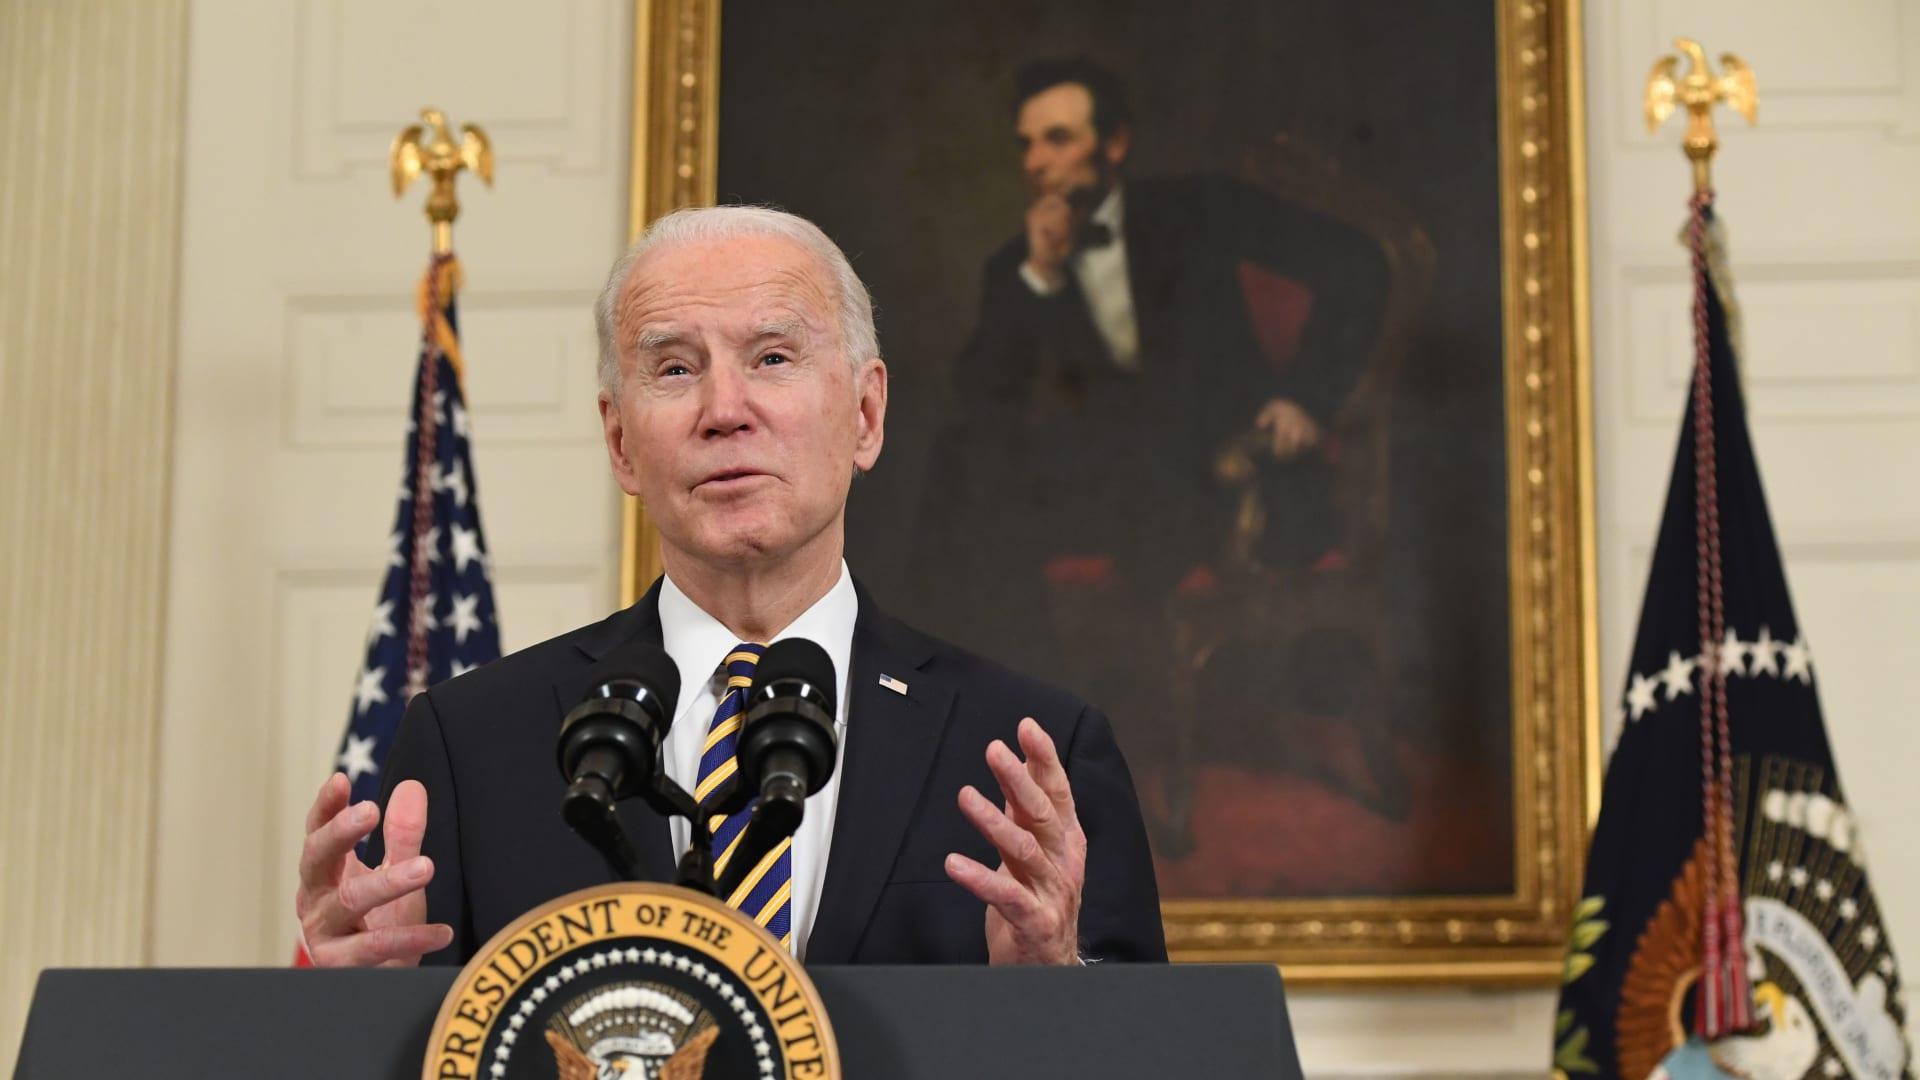 ما الذي قد يتضمنه التقرير المتوقع للاستخبارات الأمريكية في قضية خاشقجي؟